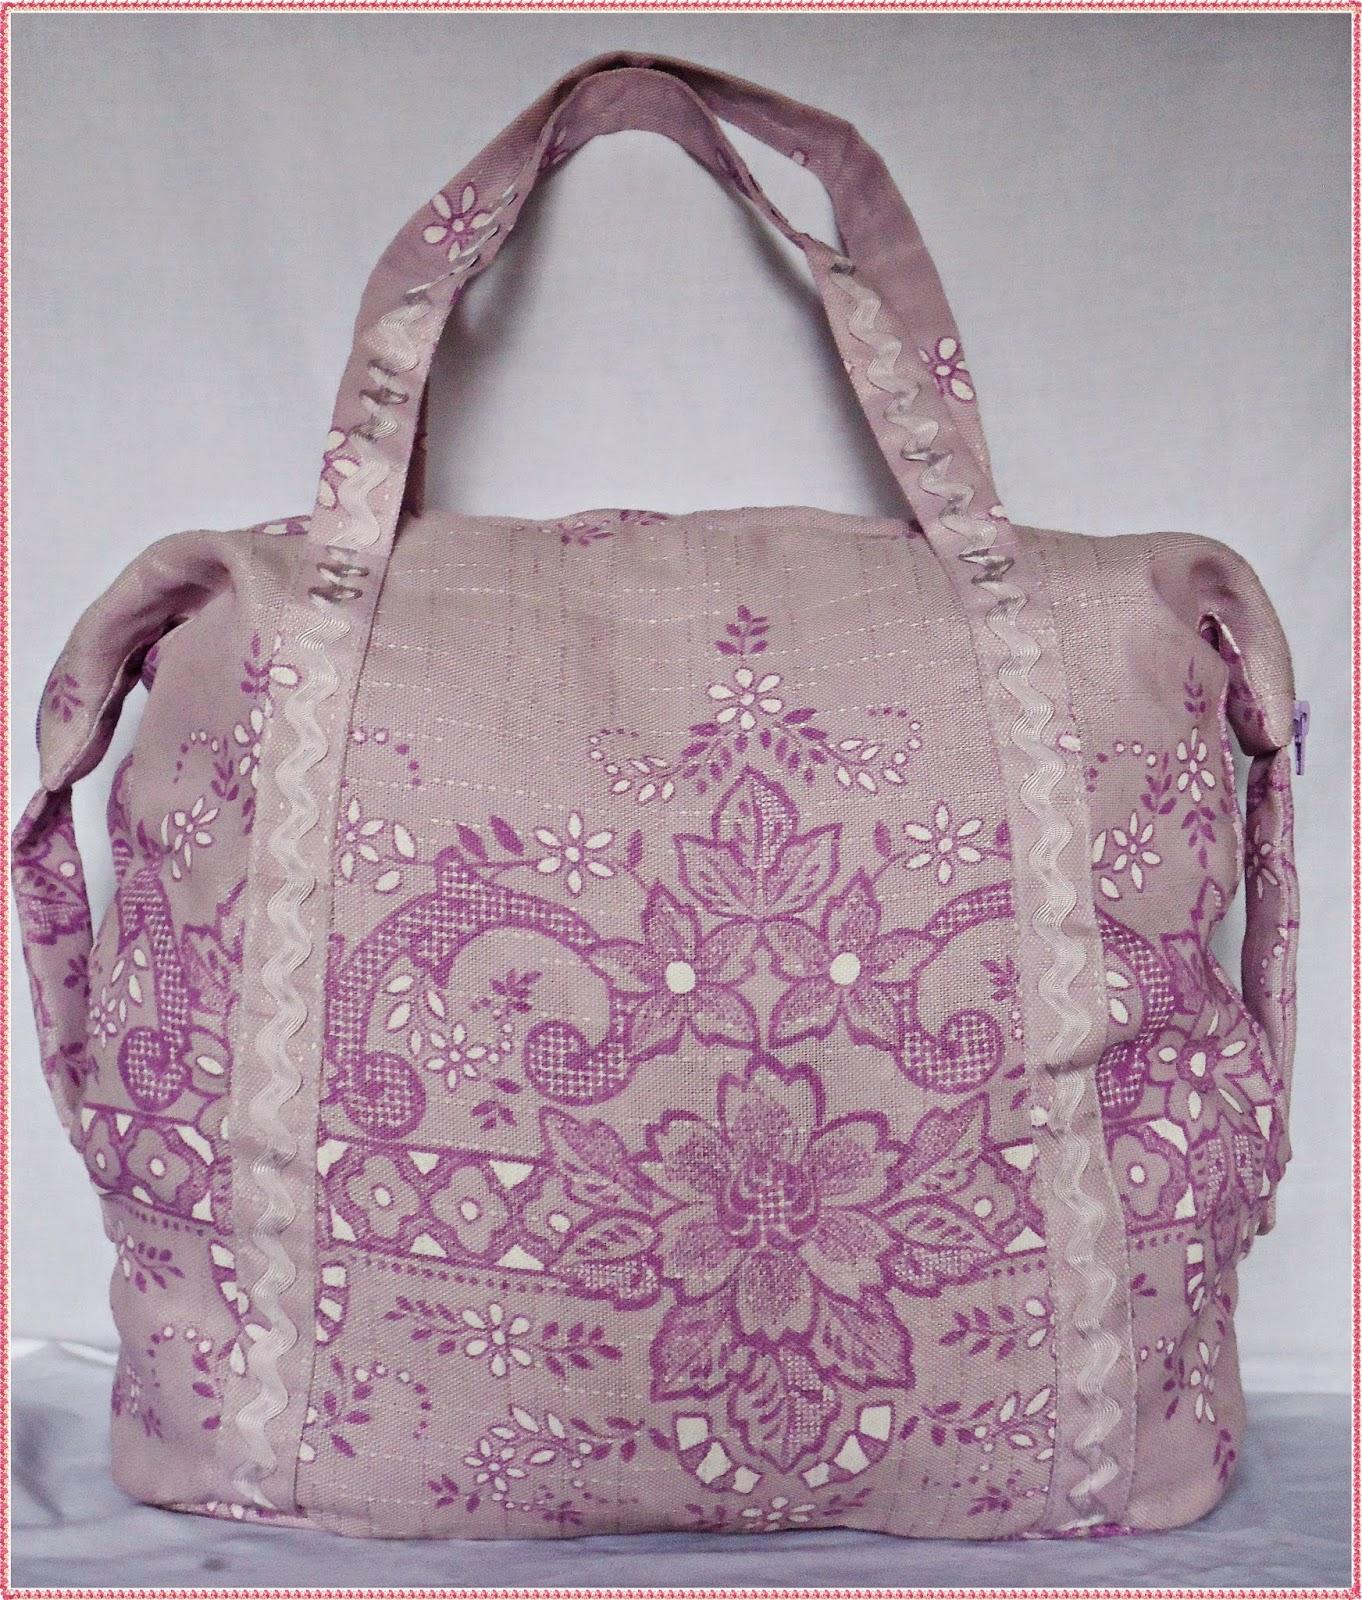 Bolsa Em Tecido Para Praia : A modista bolsas artesanais de praia em tecido